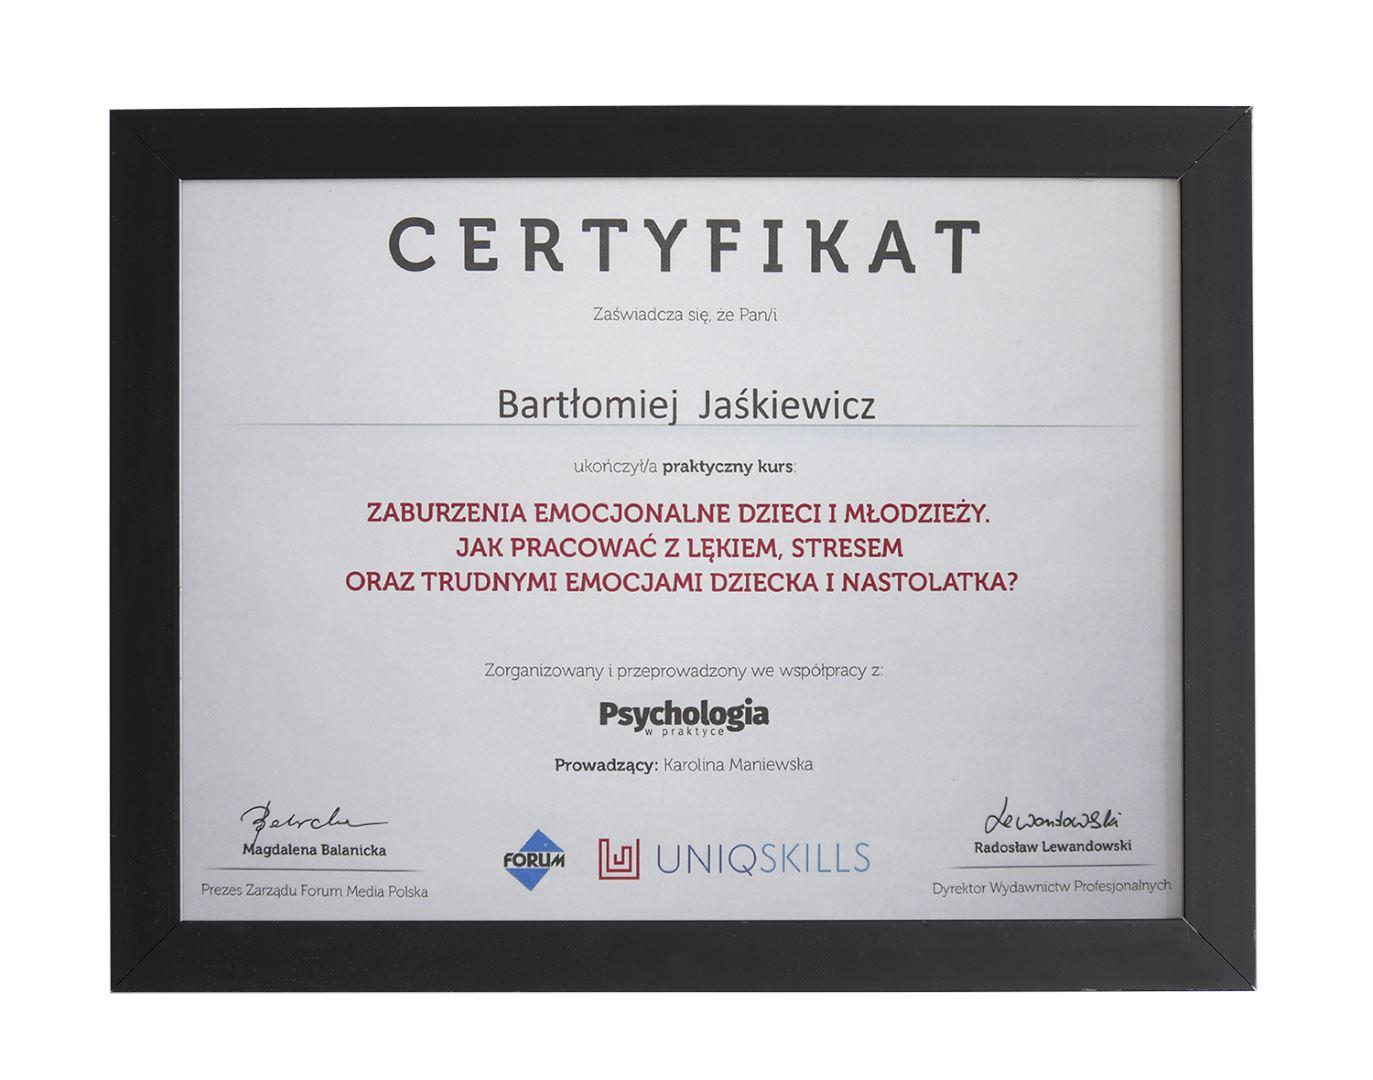 Certyfikat ukończenia kursu dot. zaburzeń emocjonalnych dzieci i młodzieży - terapeuta Bartłomiej Jaśkiewicz